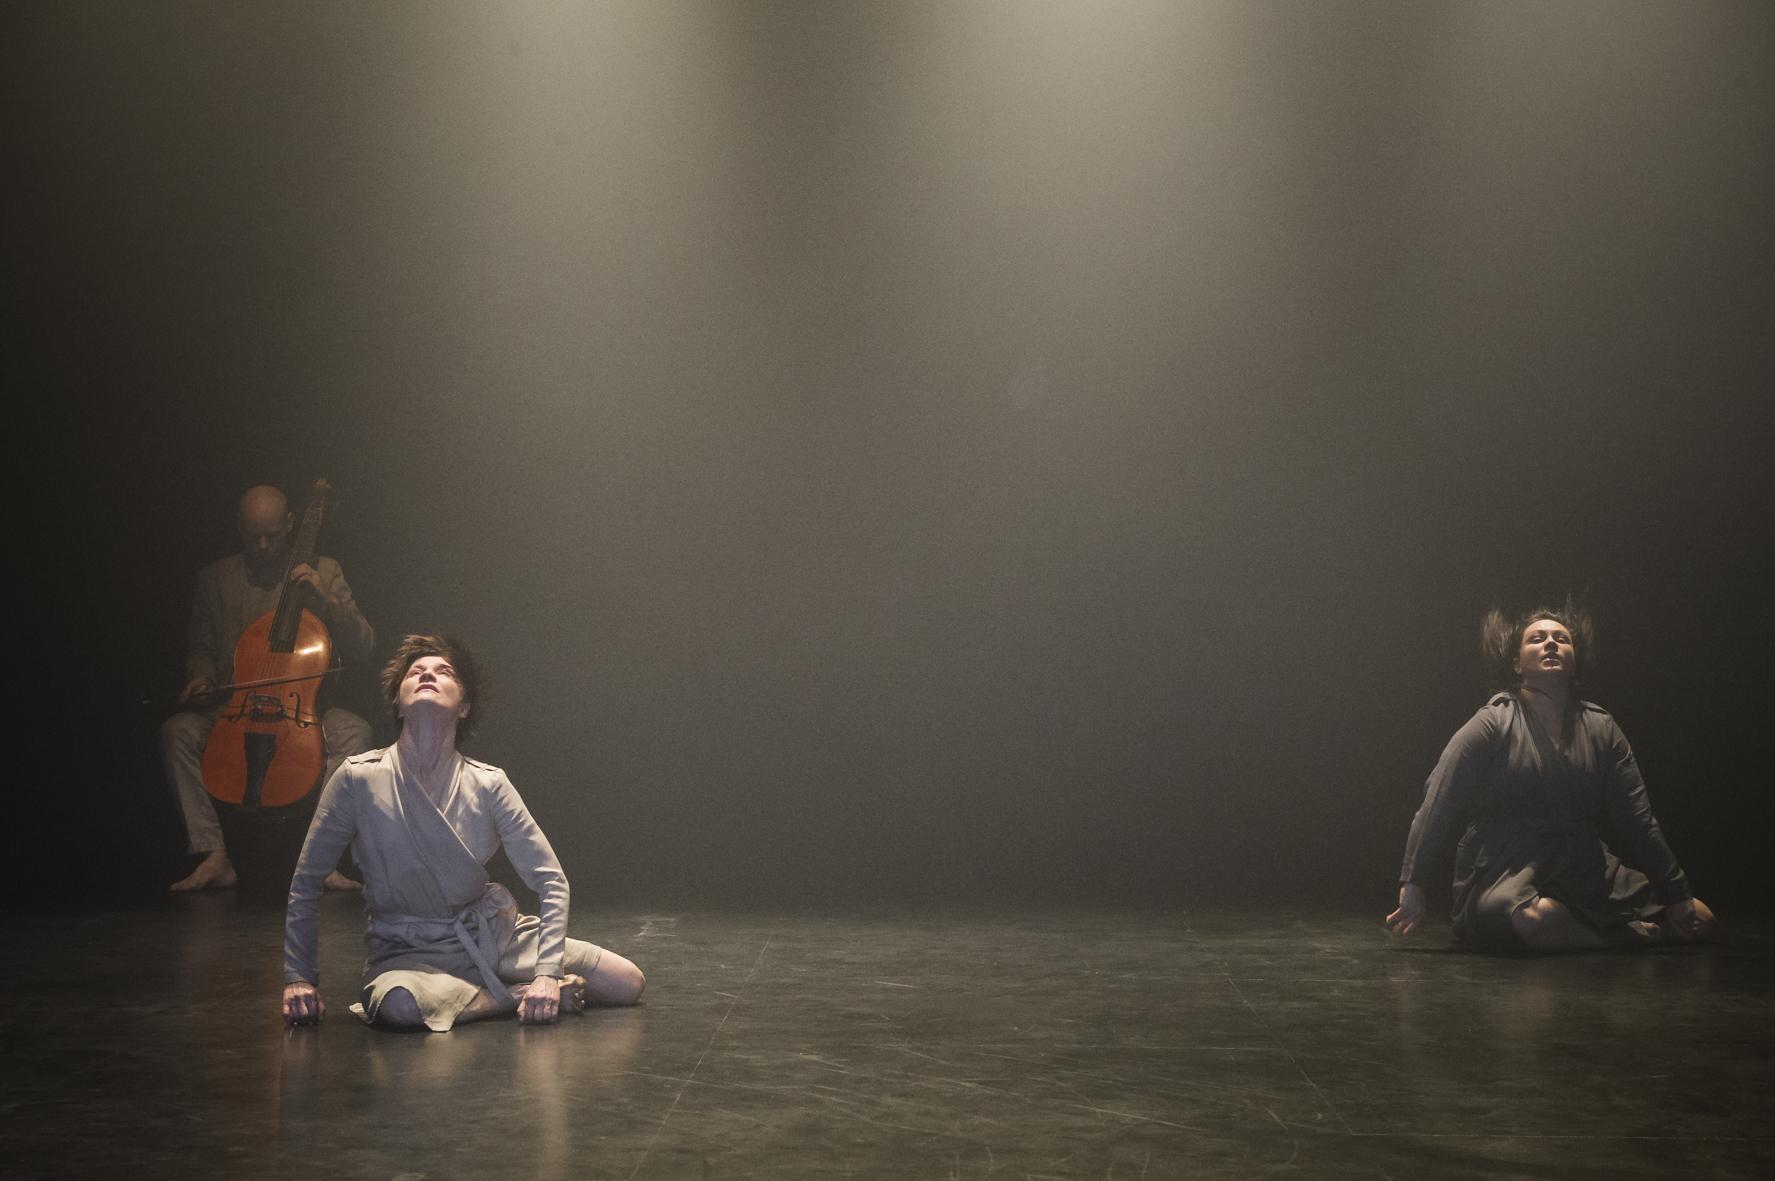 Photo: Uupi Tirronen, Licking things (Zodiak – Center for New Dance).